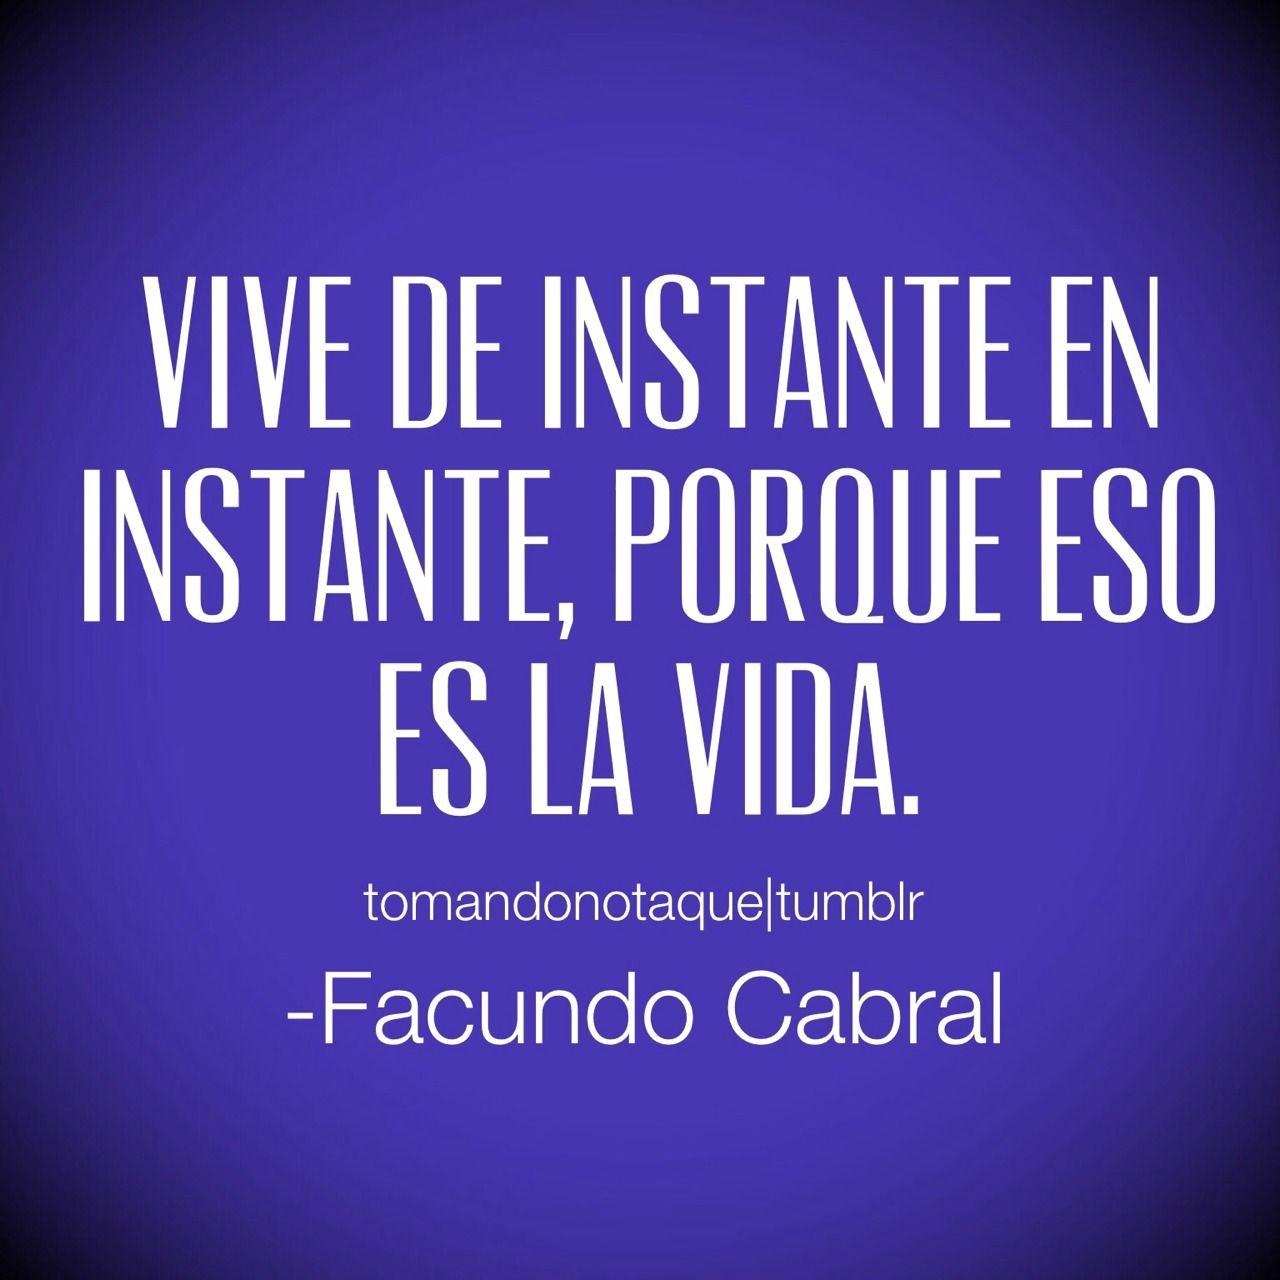 Vive De Instante En Instante Porque Eso Es La Vida Facundo Cabral Frases Bonitas Words Spanish Quotes Quotes